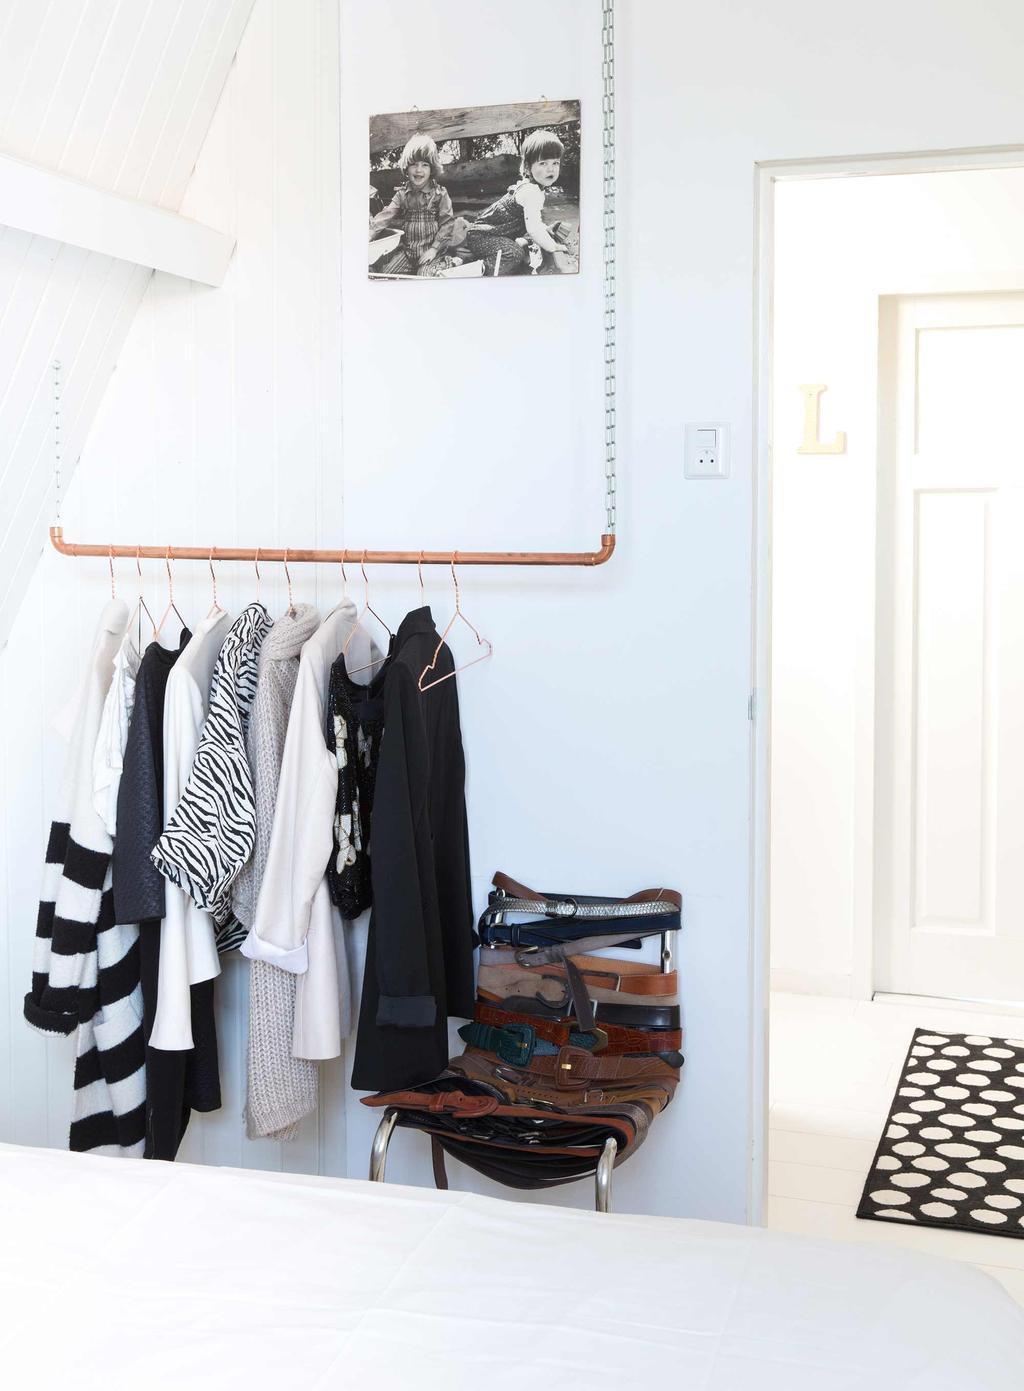 koperen kledingrek